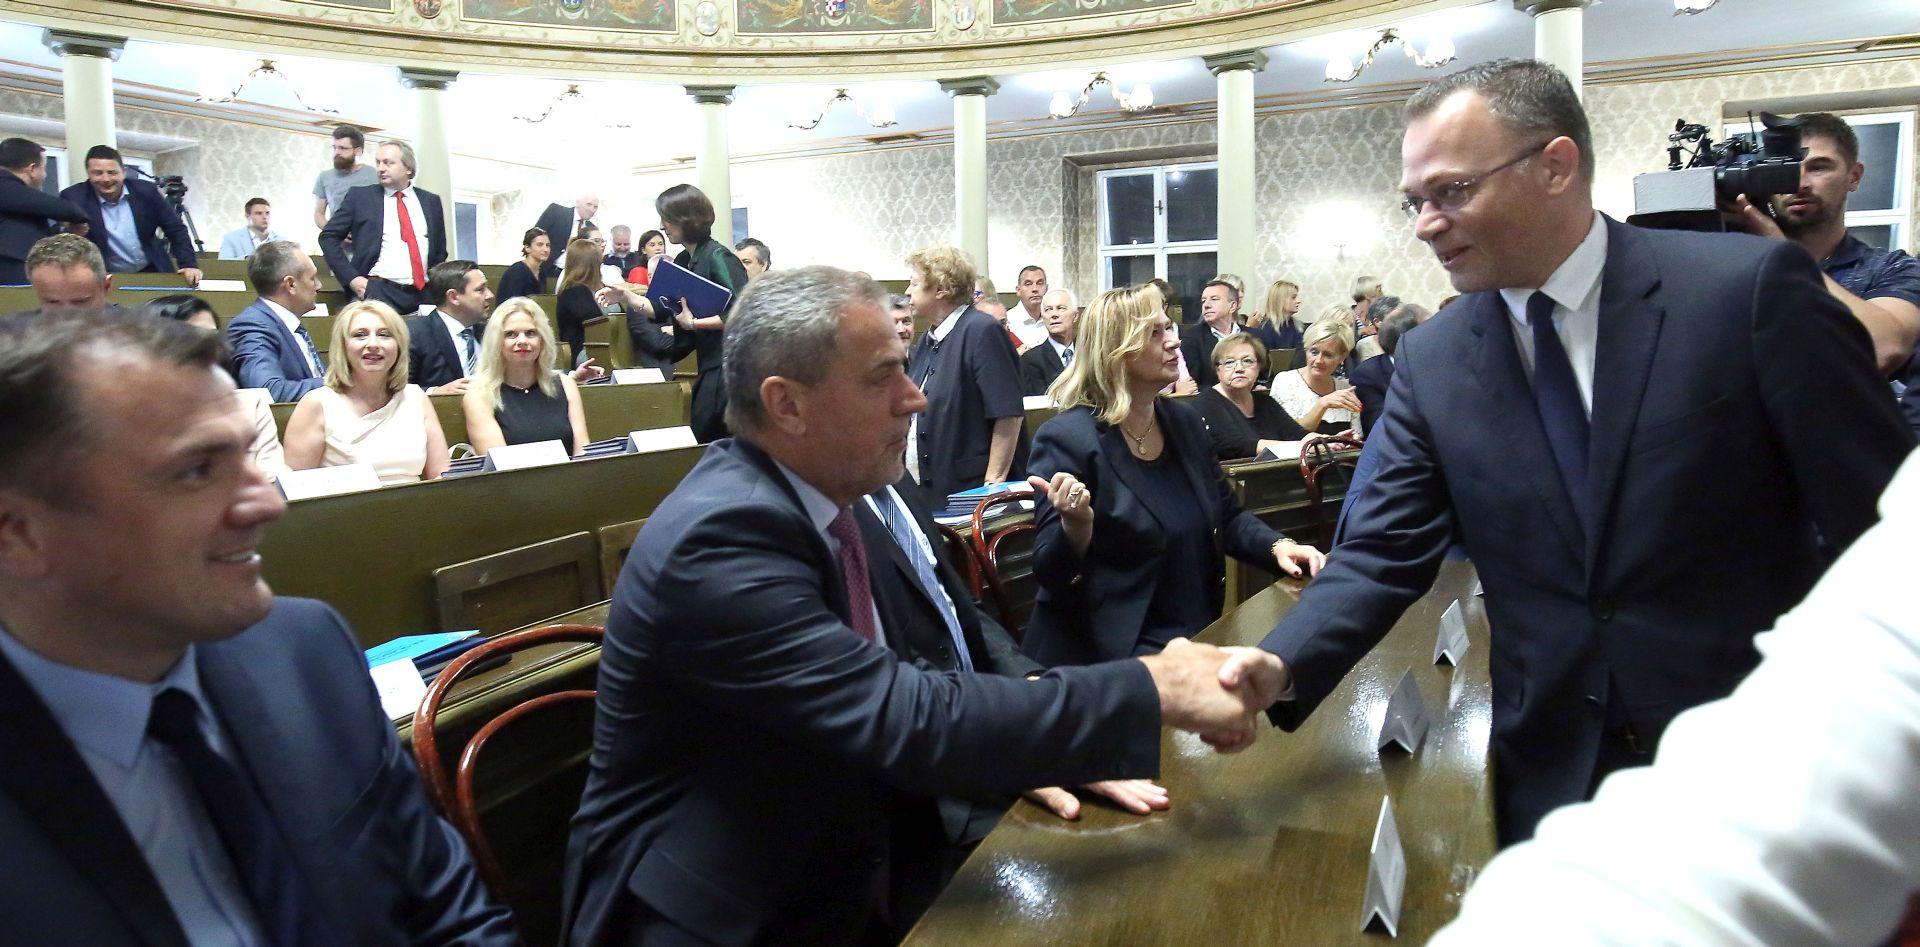 Sporazum o suradnji Bandića, HDZ-a i Liste Brune Esih trebao bi se potpisati 10. srpnja